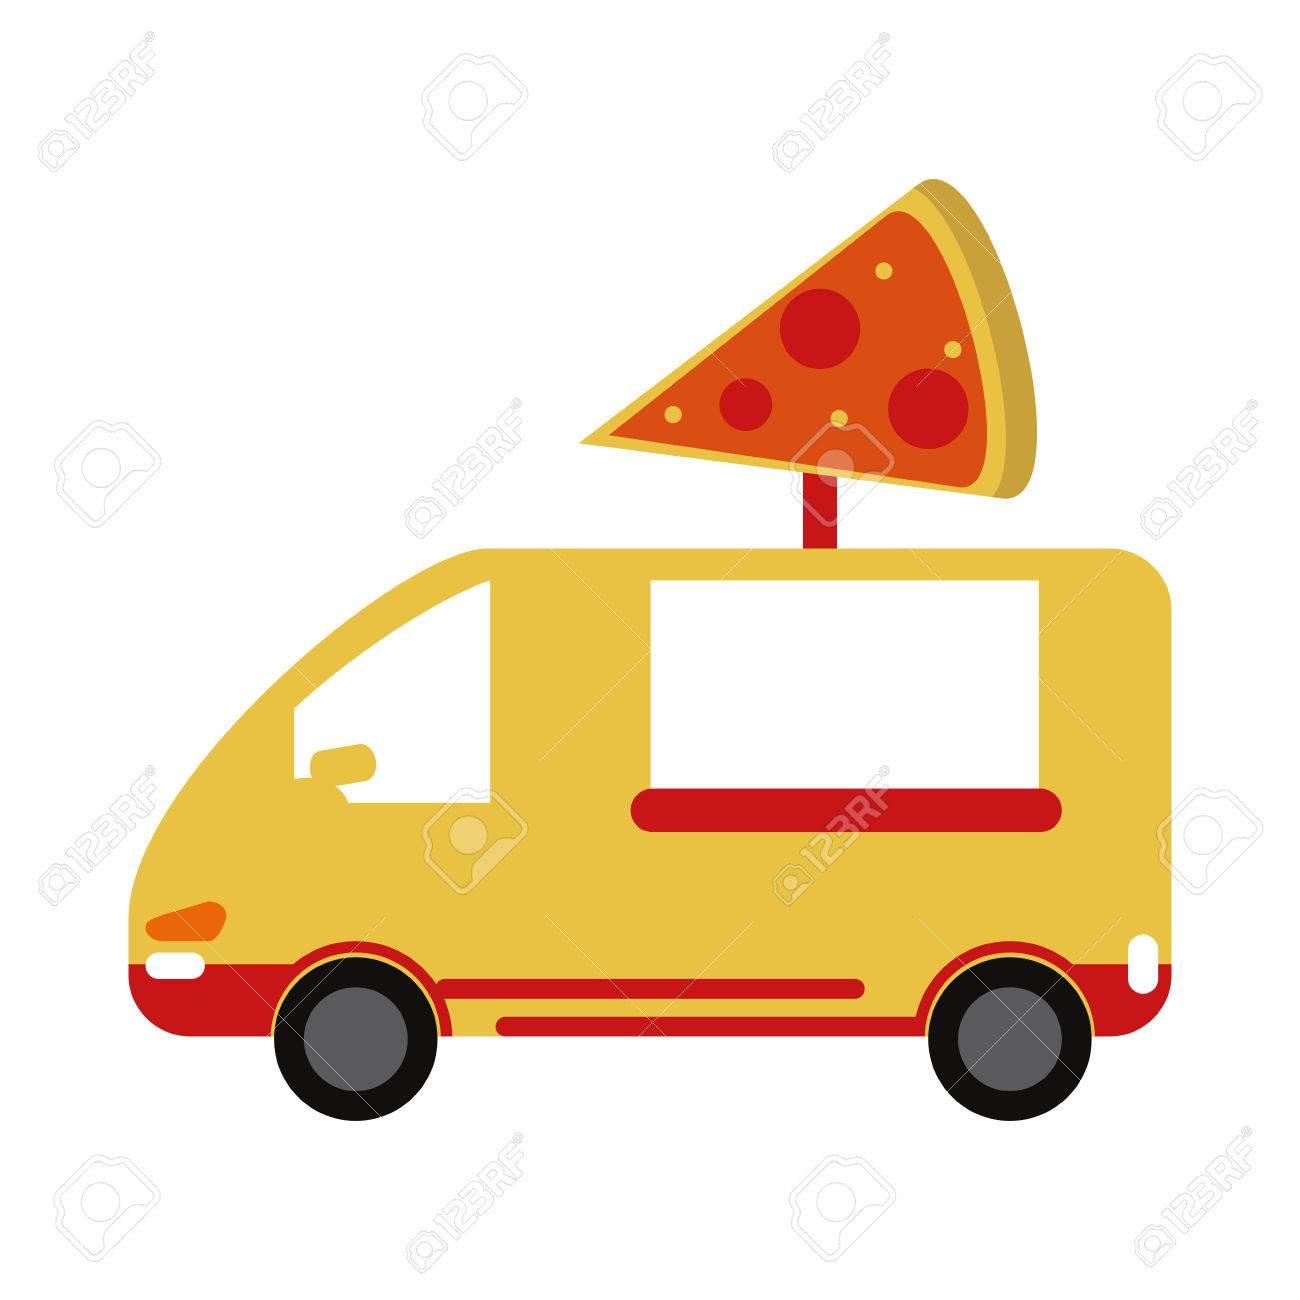 Pizza domicile fast food icon